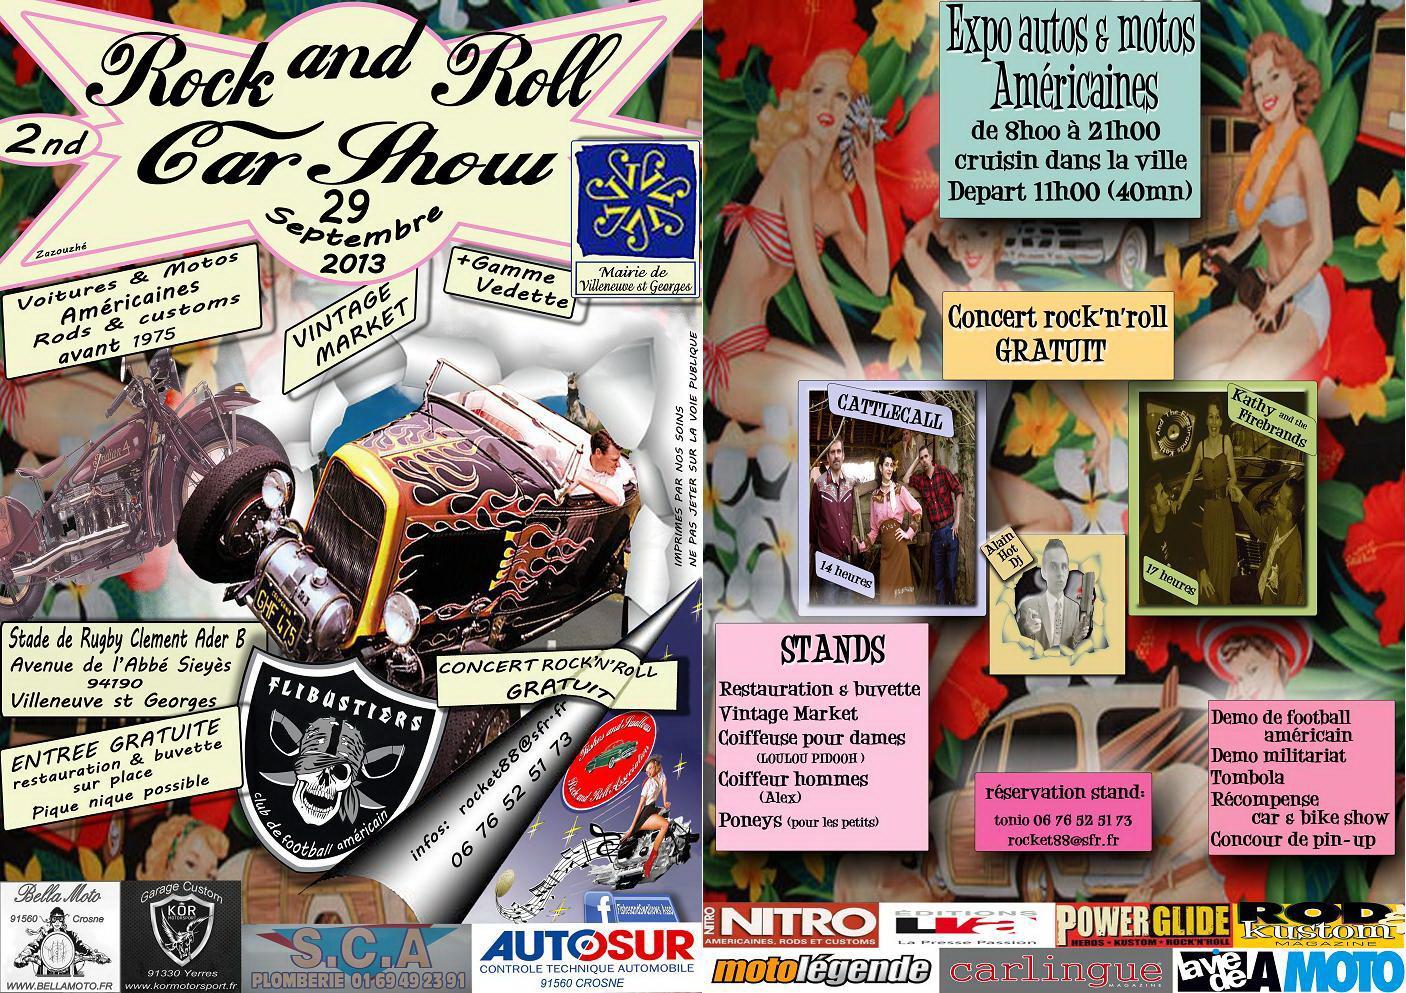 Actualit� de ariane chaumeil Ar'Bords Essences - A la Guilde du Dragon de Verre 2eme Rock'n Roll Car Show